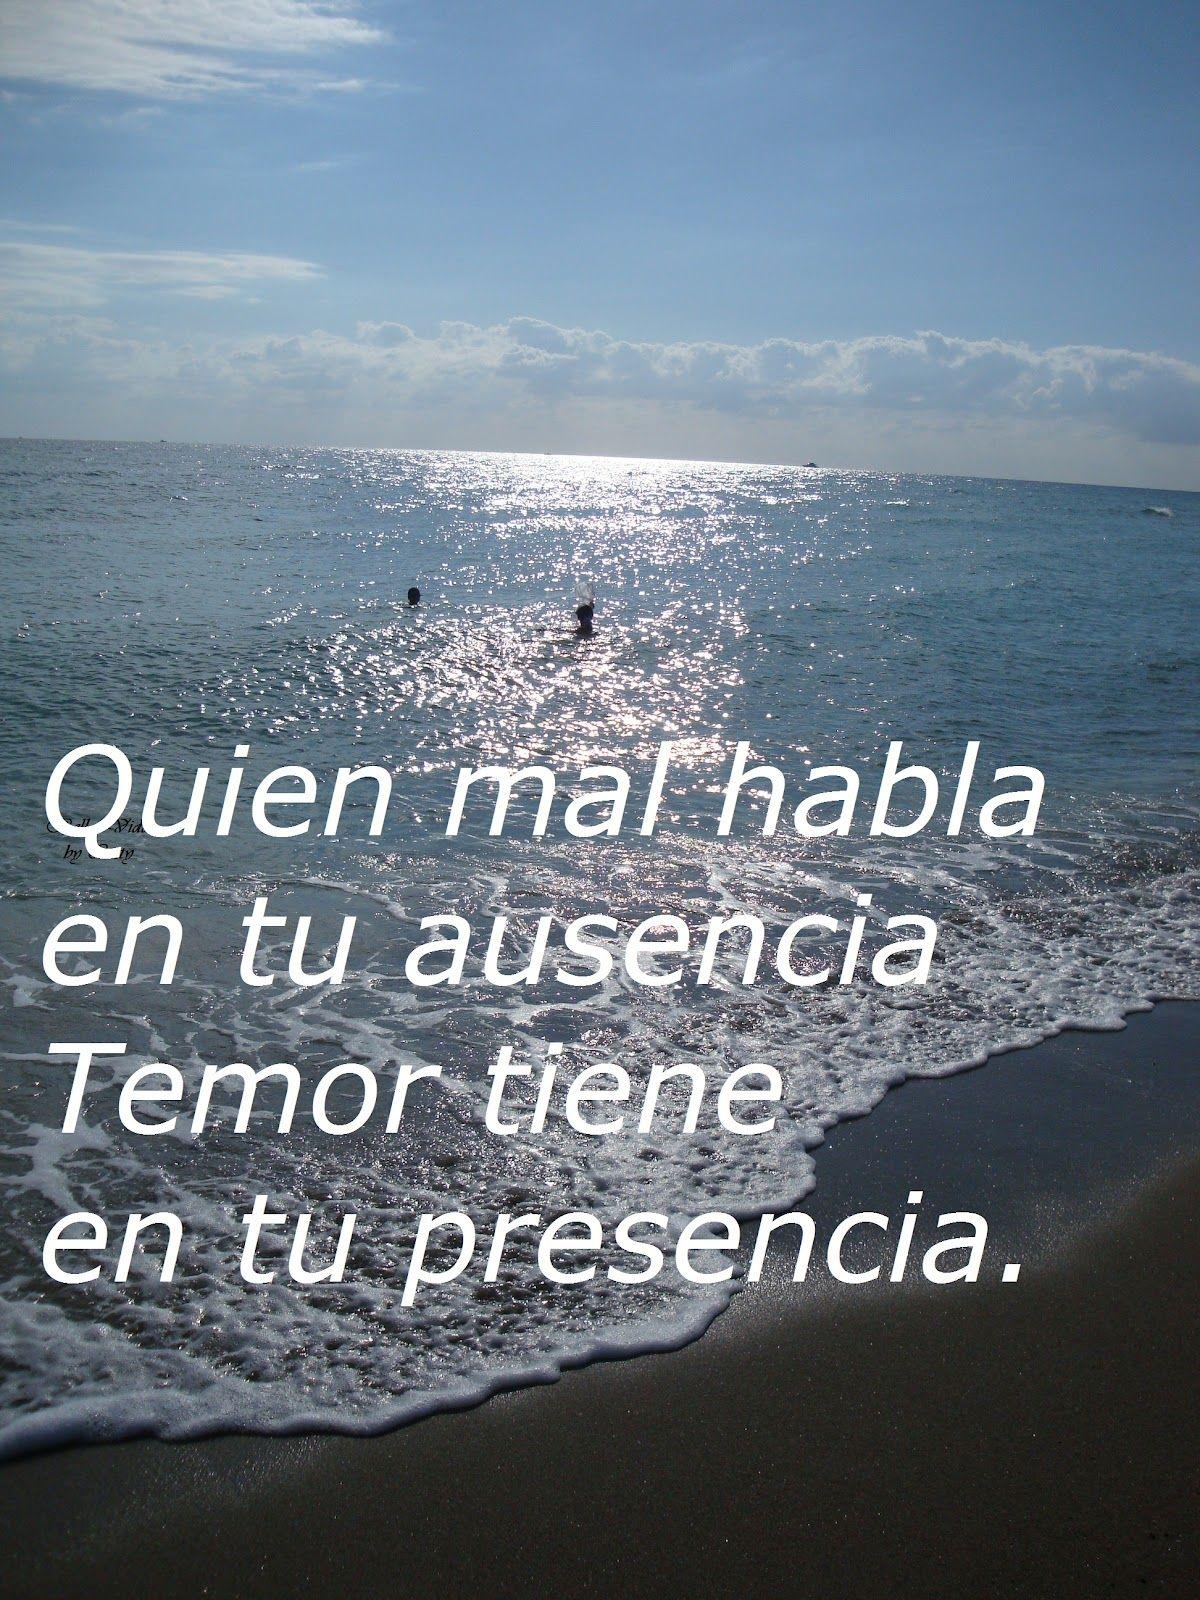 Quotes In Spanish Frases En Espanol Refranes Españoles